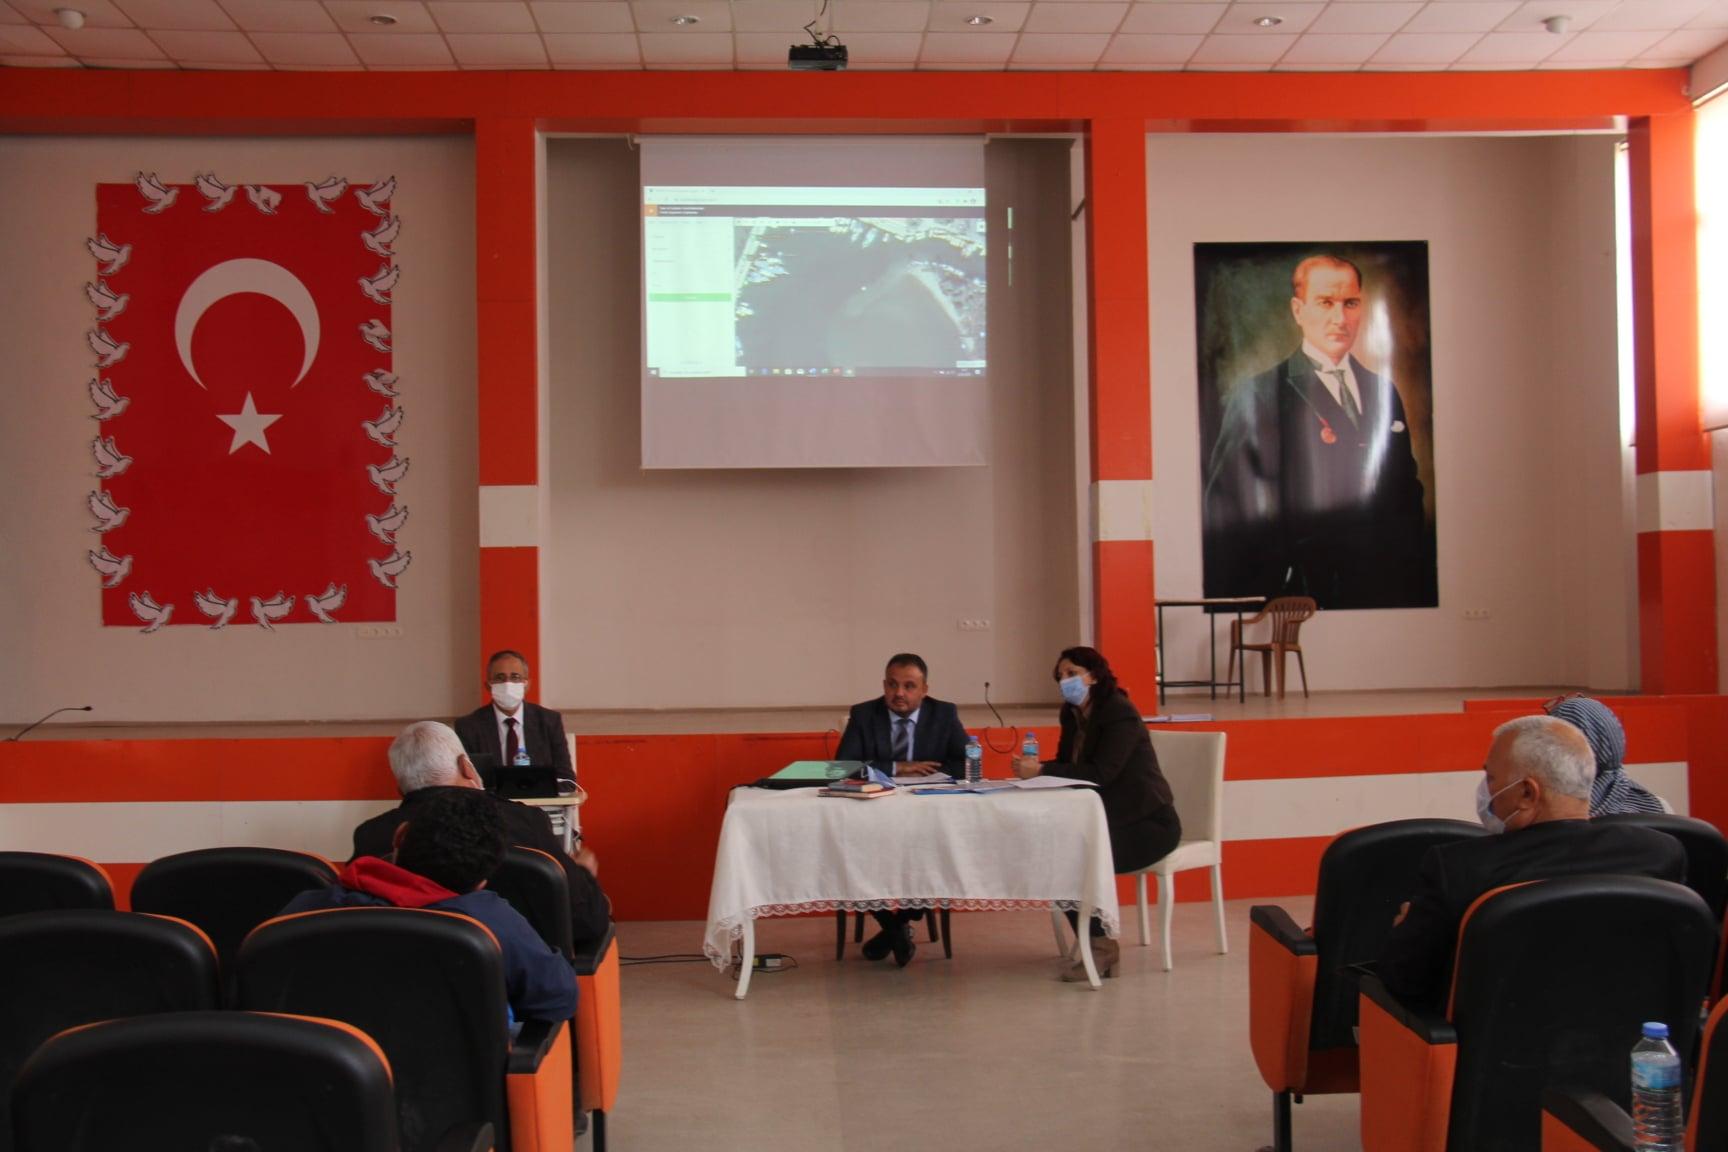 Belediyemiz Meclisi Olağanüstü Gündemiyle Belediye Başkanımız Sn. Özay Türkler Başkanlığında toplandı.